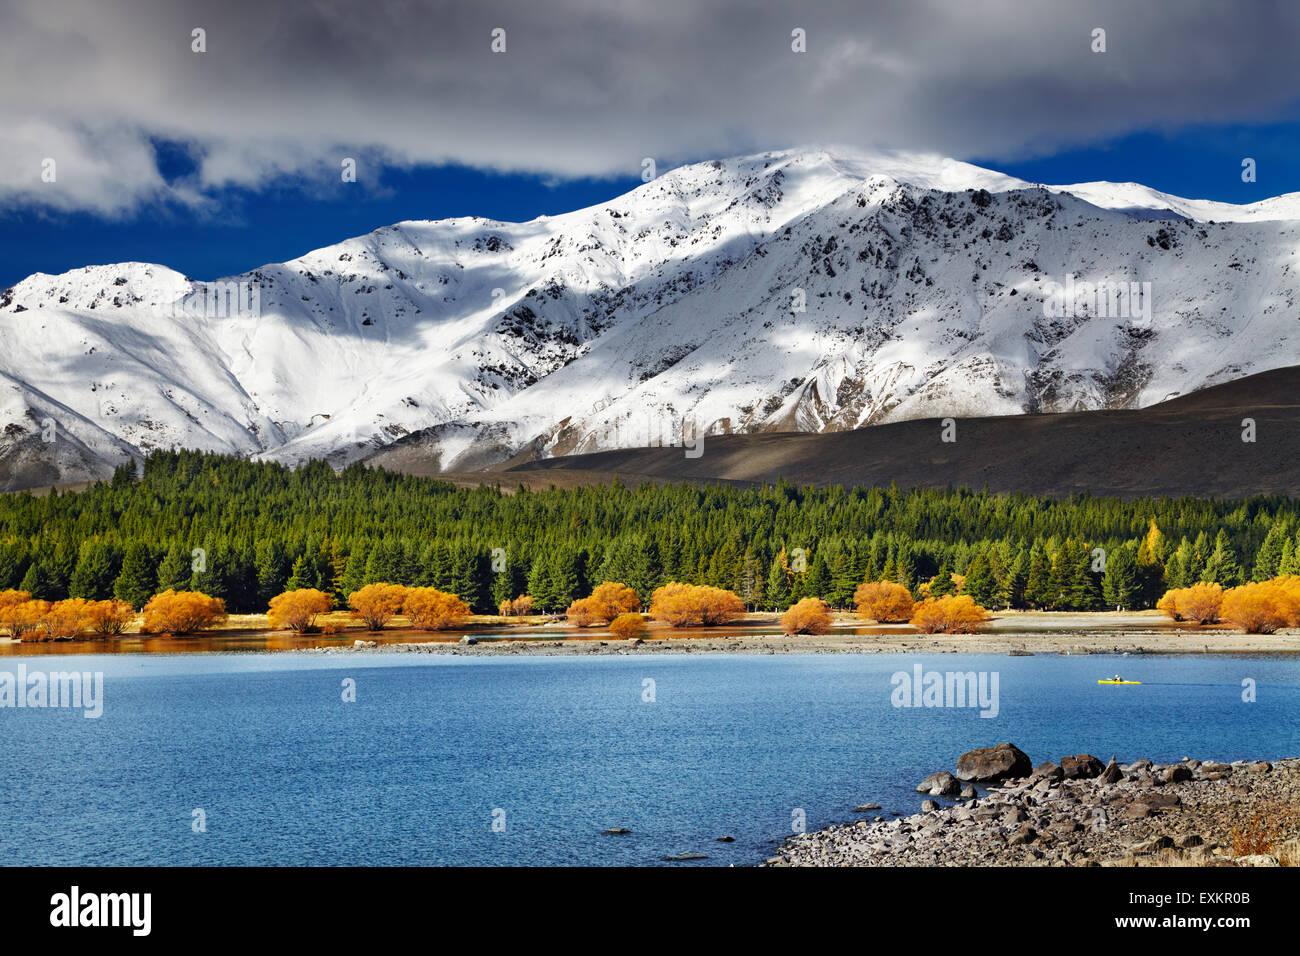 Paisaje de montaña, el Lago Tekapo, Nueva Zelanda Imagen De Stock